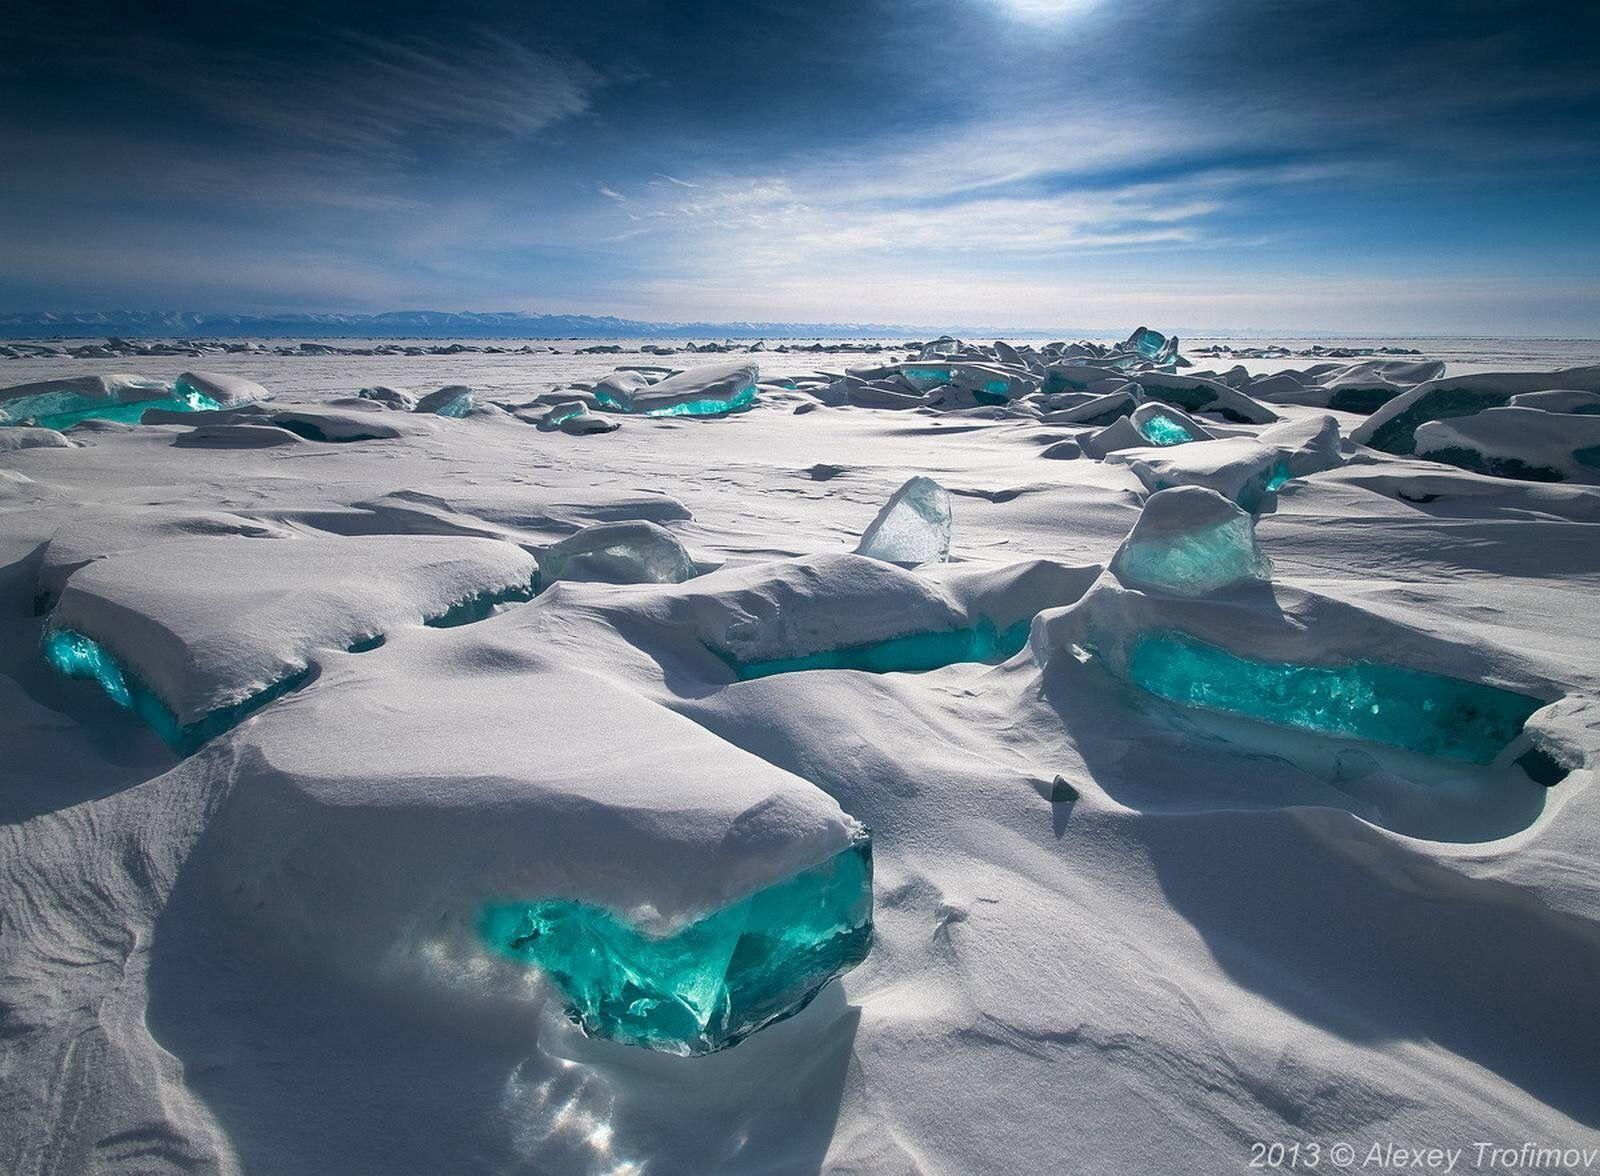 Lake Baikal in Russia: https://t.co/TsXBo5iFDW